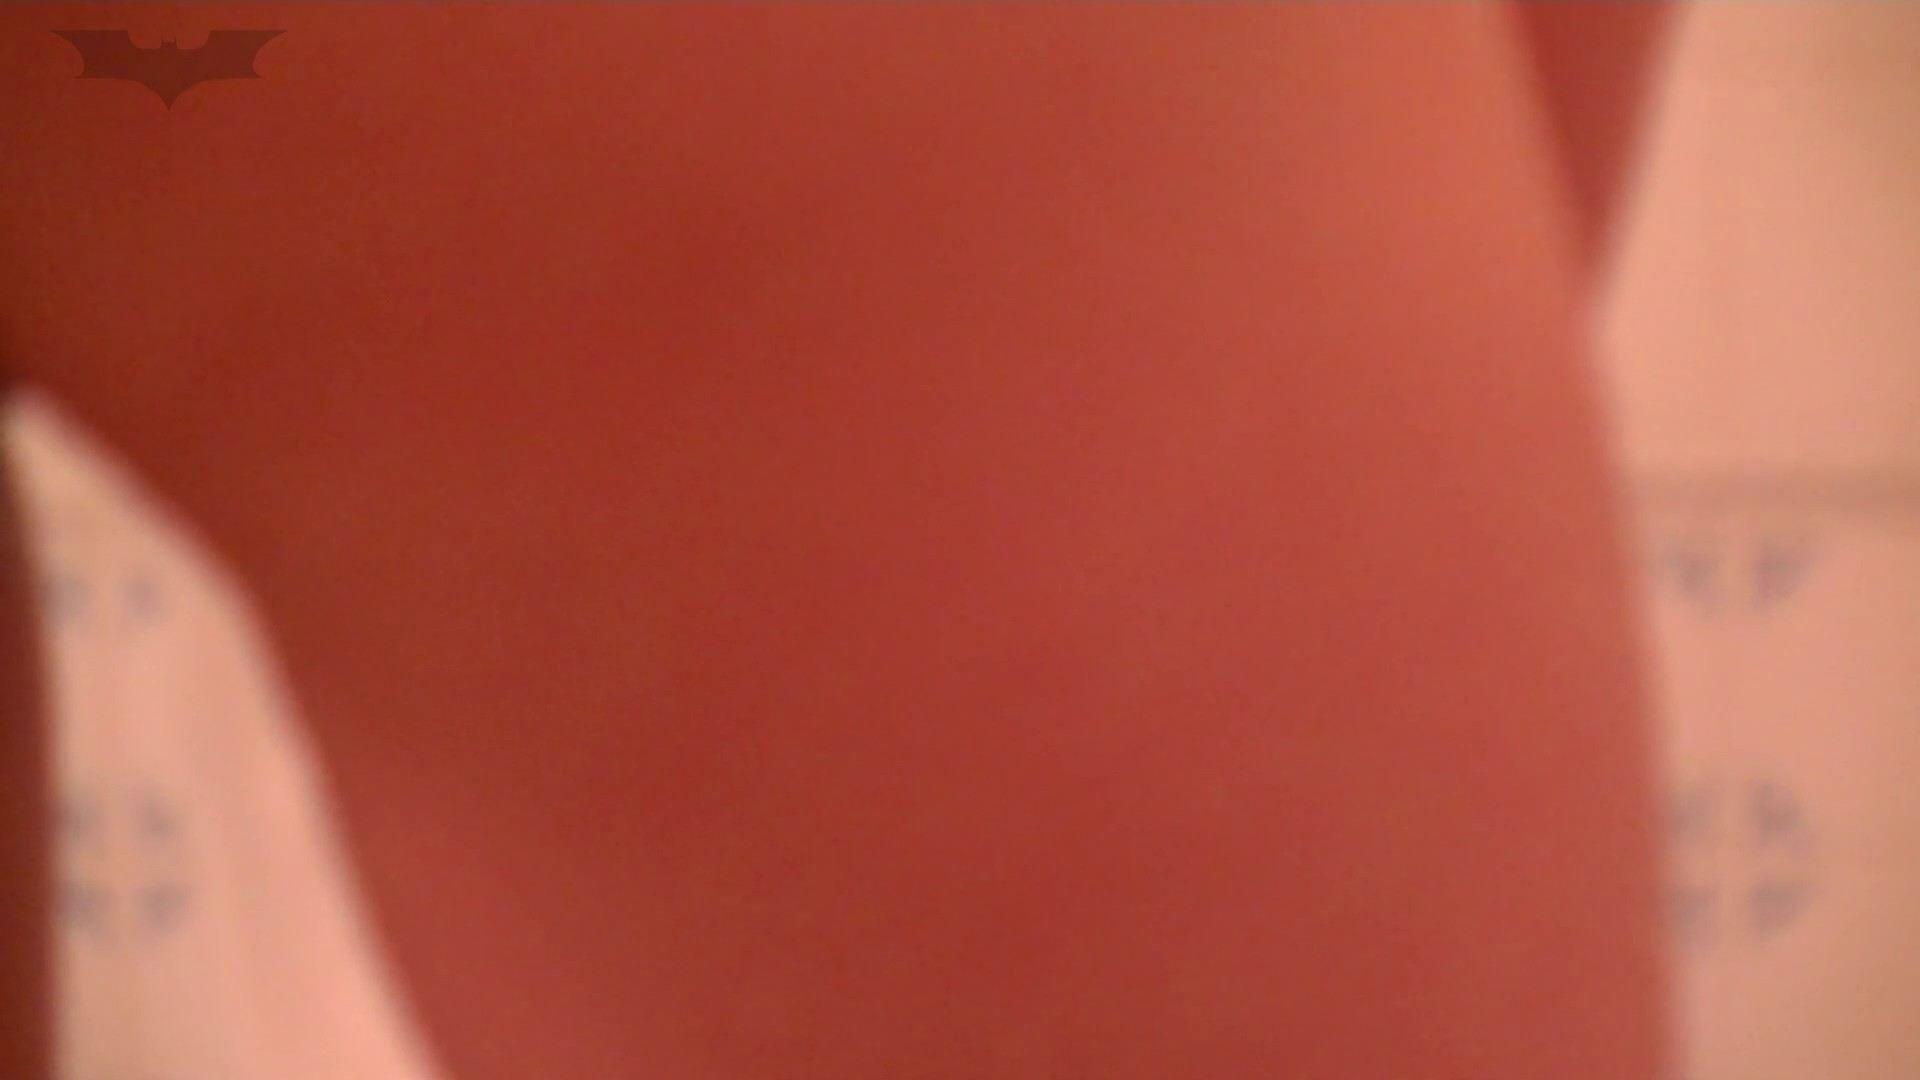 期間限定 闇の花道Vol.10 影対姪っ子絶対ダメな調教関係Vol.04 OLのボディ   期間限定  78PIX 17